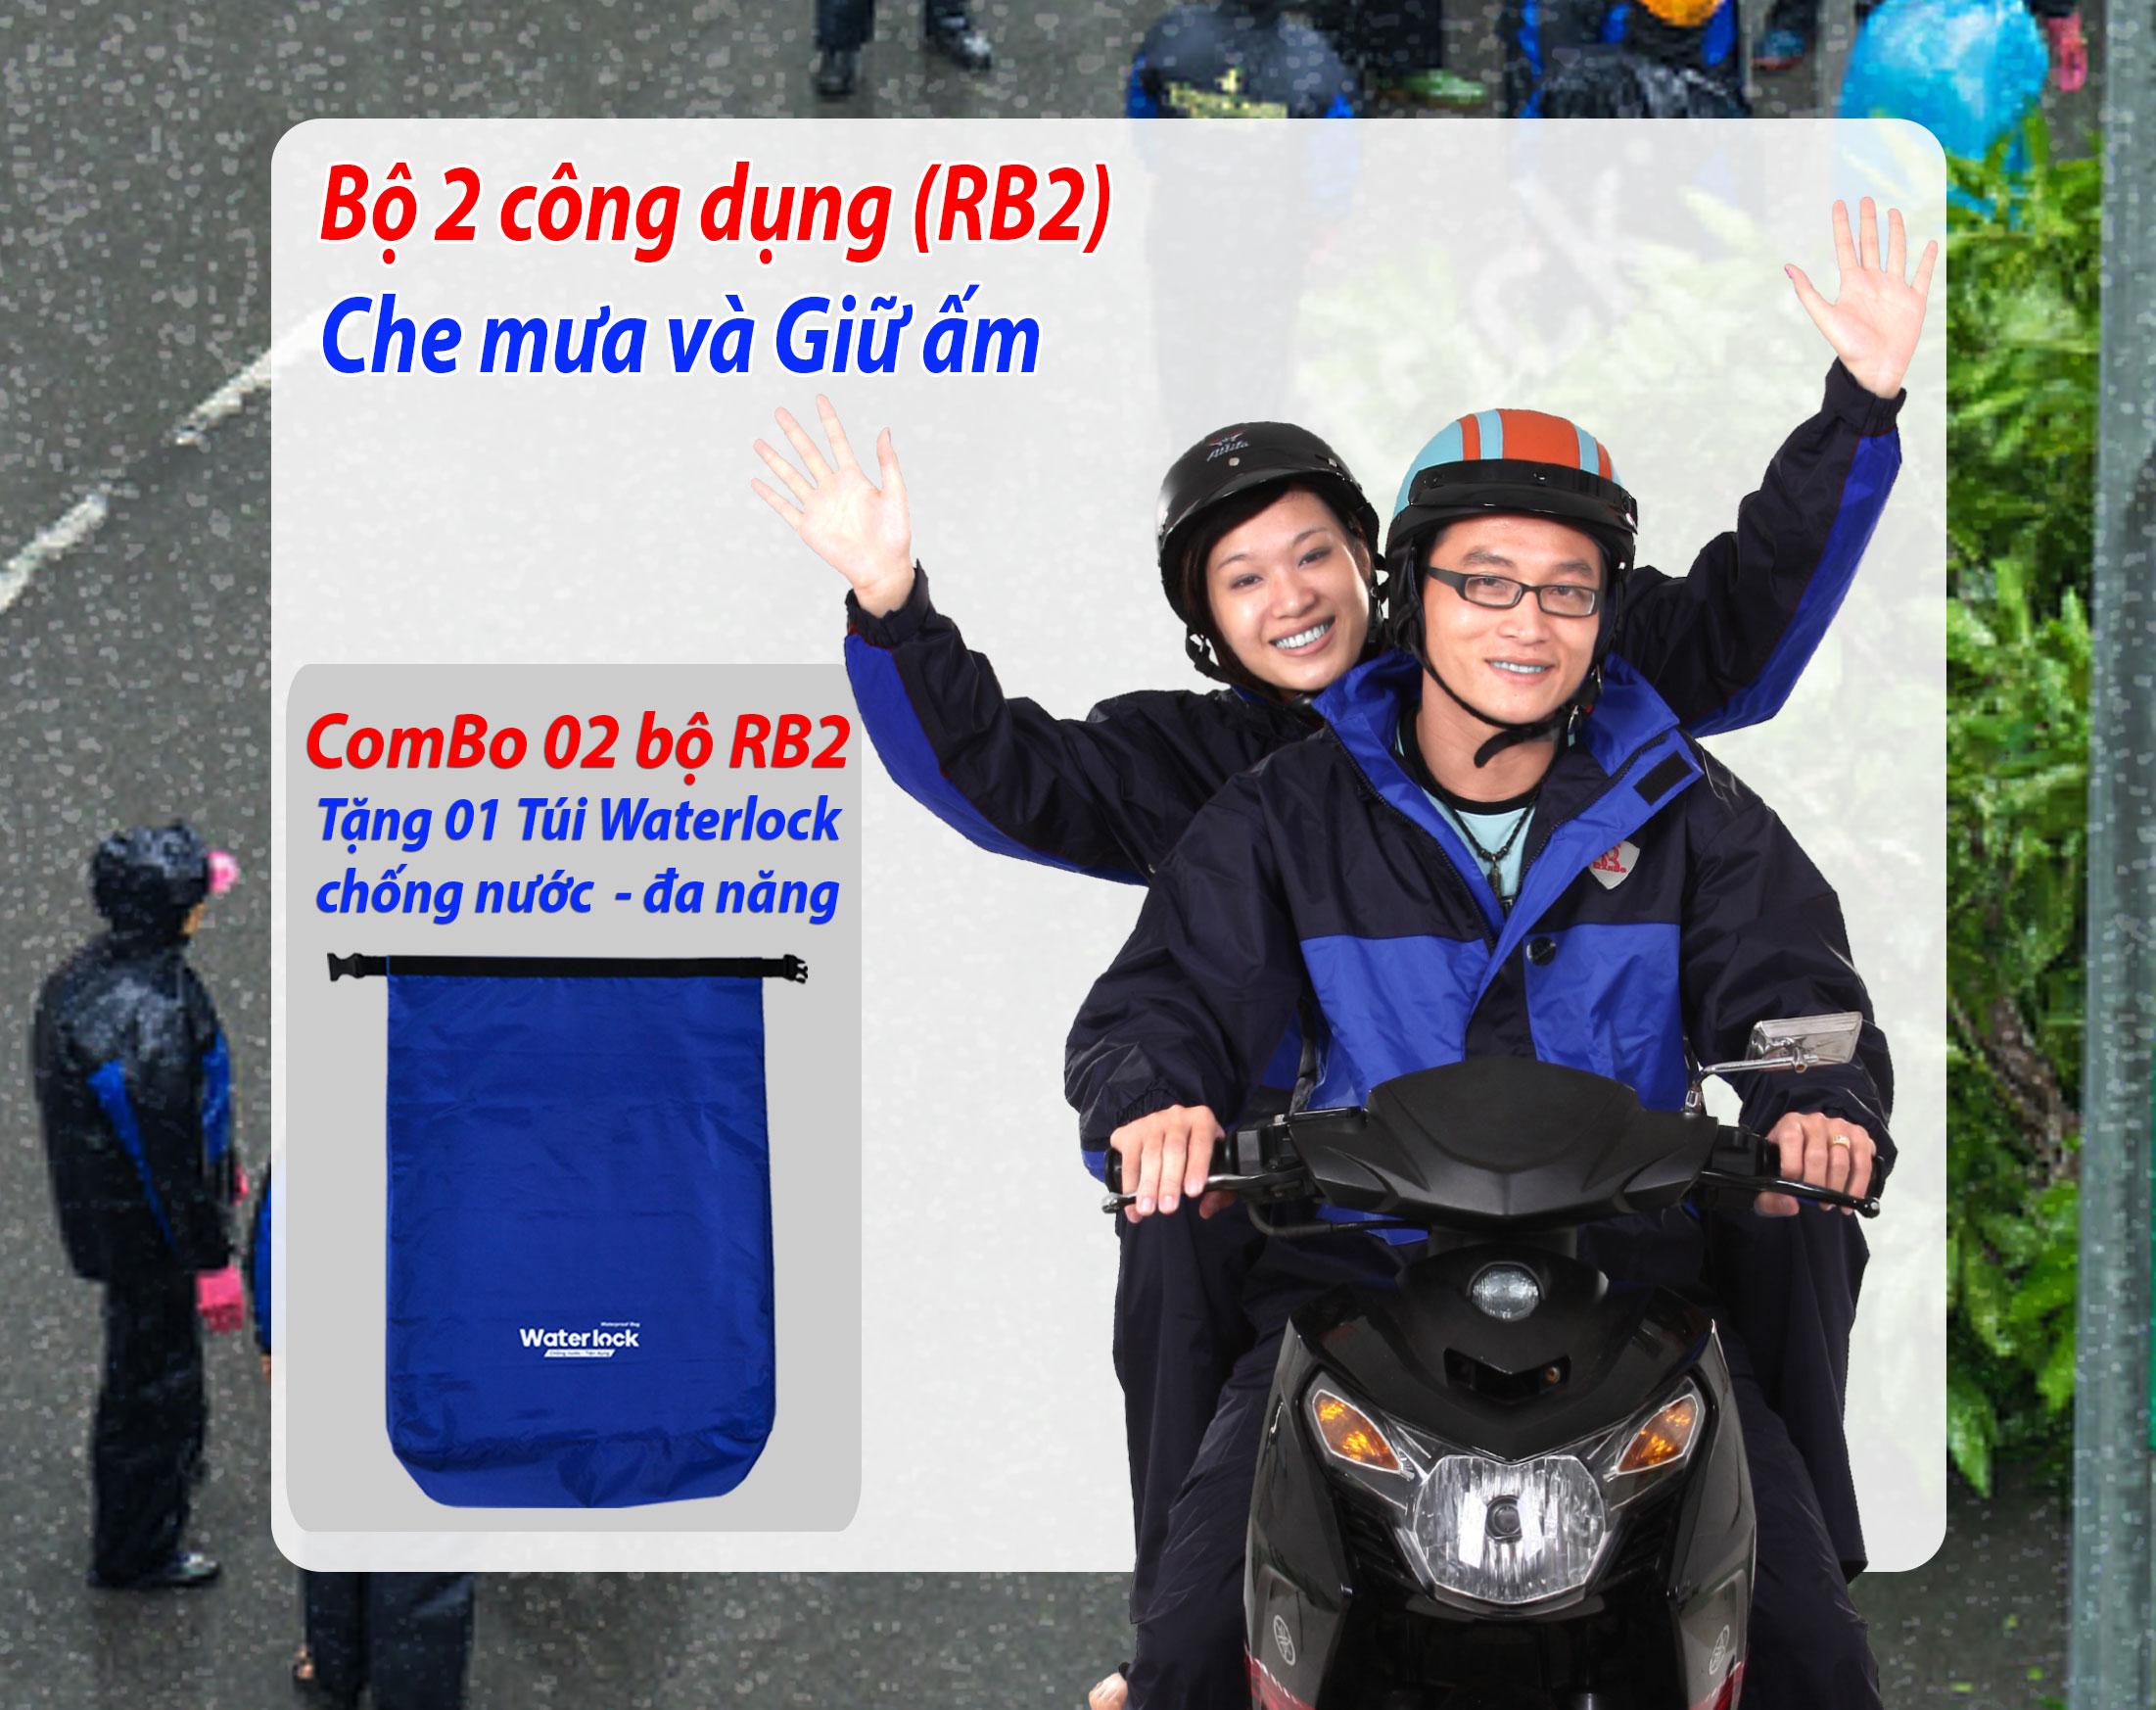 Bộ áo mưa 2 công dụng RB2 khuyến mãi